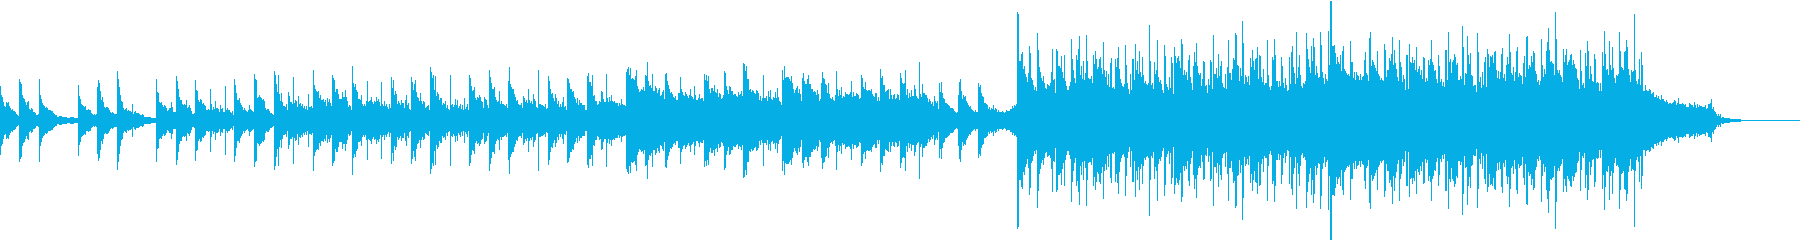 壮大で感動的なBGMの再生済みの波形